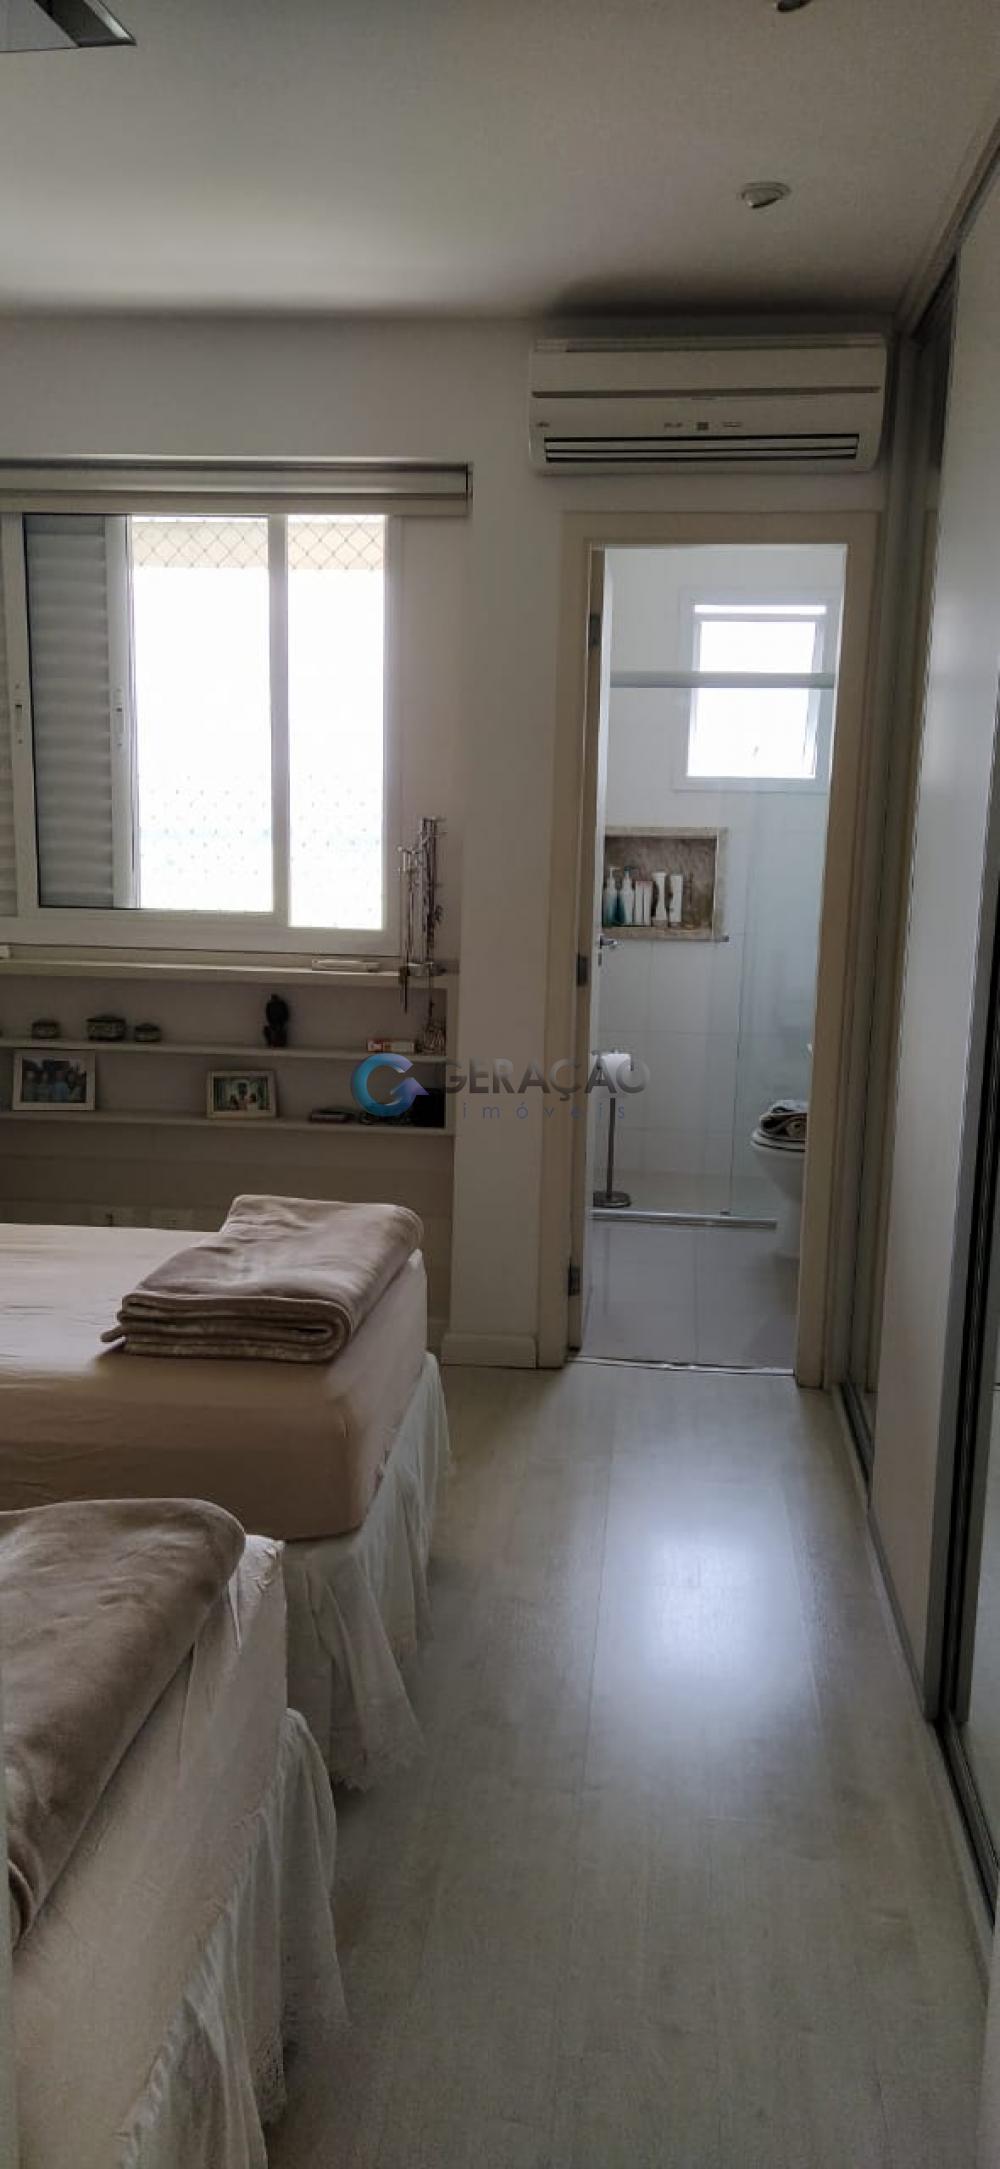 Comprar Apartamento / Padrão em São José dos Campos R$ 1.150.000,00 - Foto 16